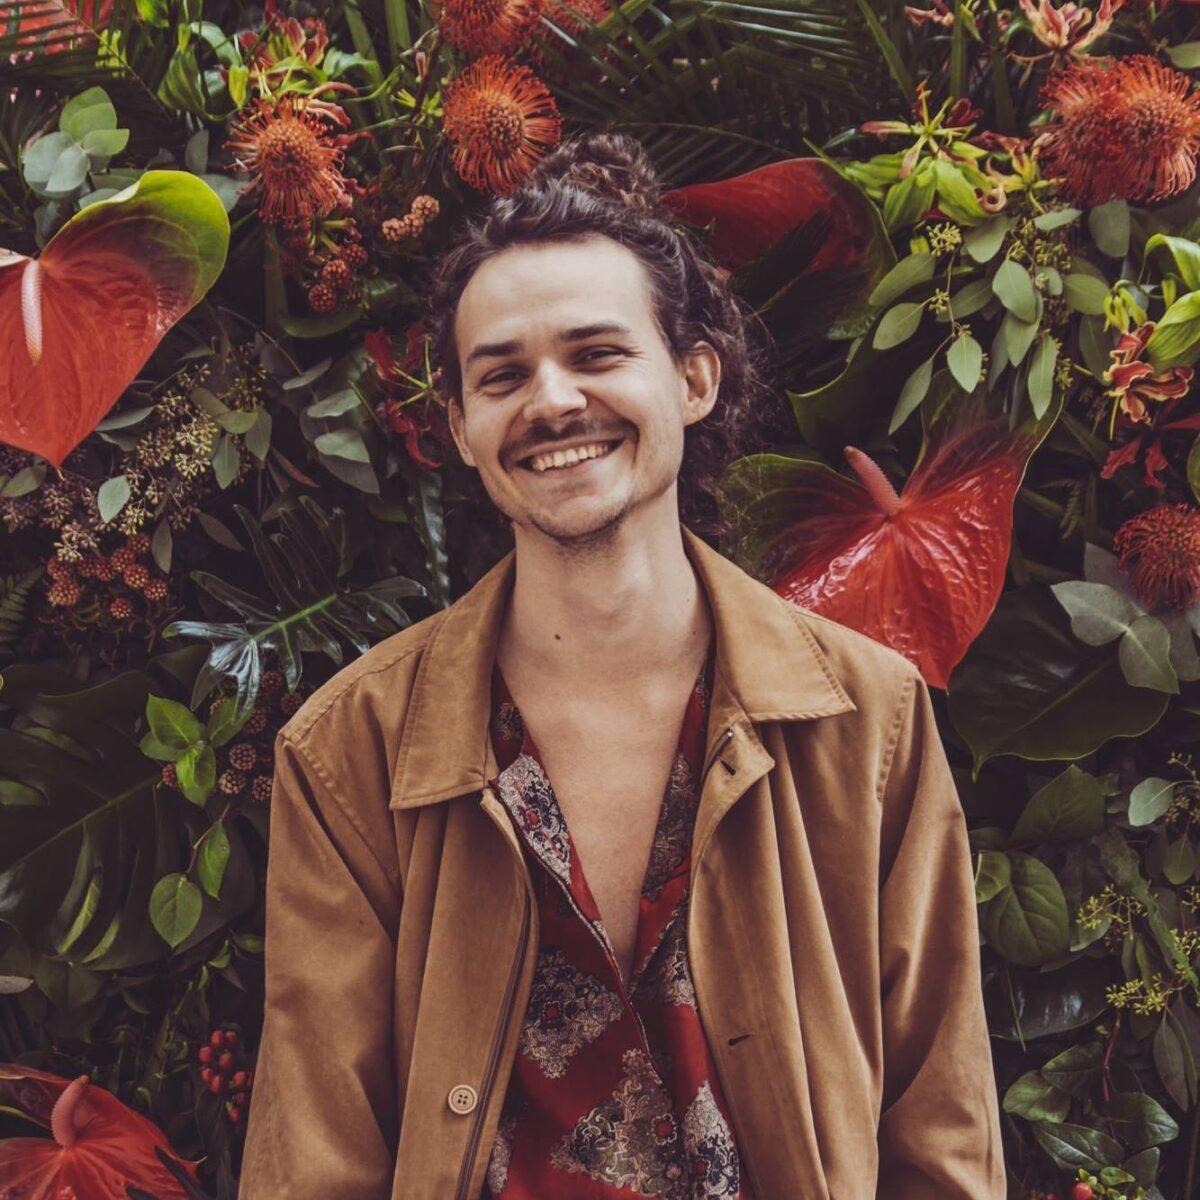 zdjęcie przedtawia młodego, uśmiechniętego chłopaka na tle kwiatów.